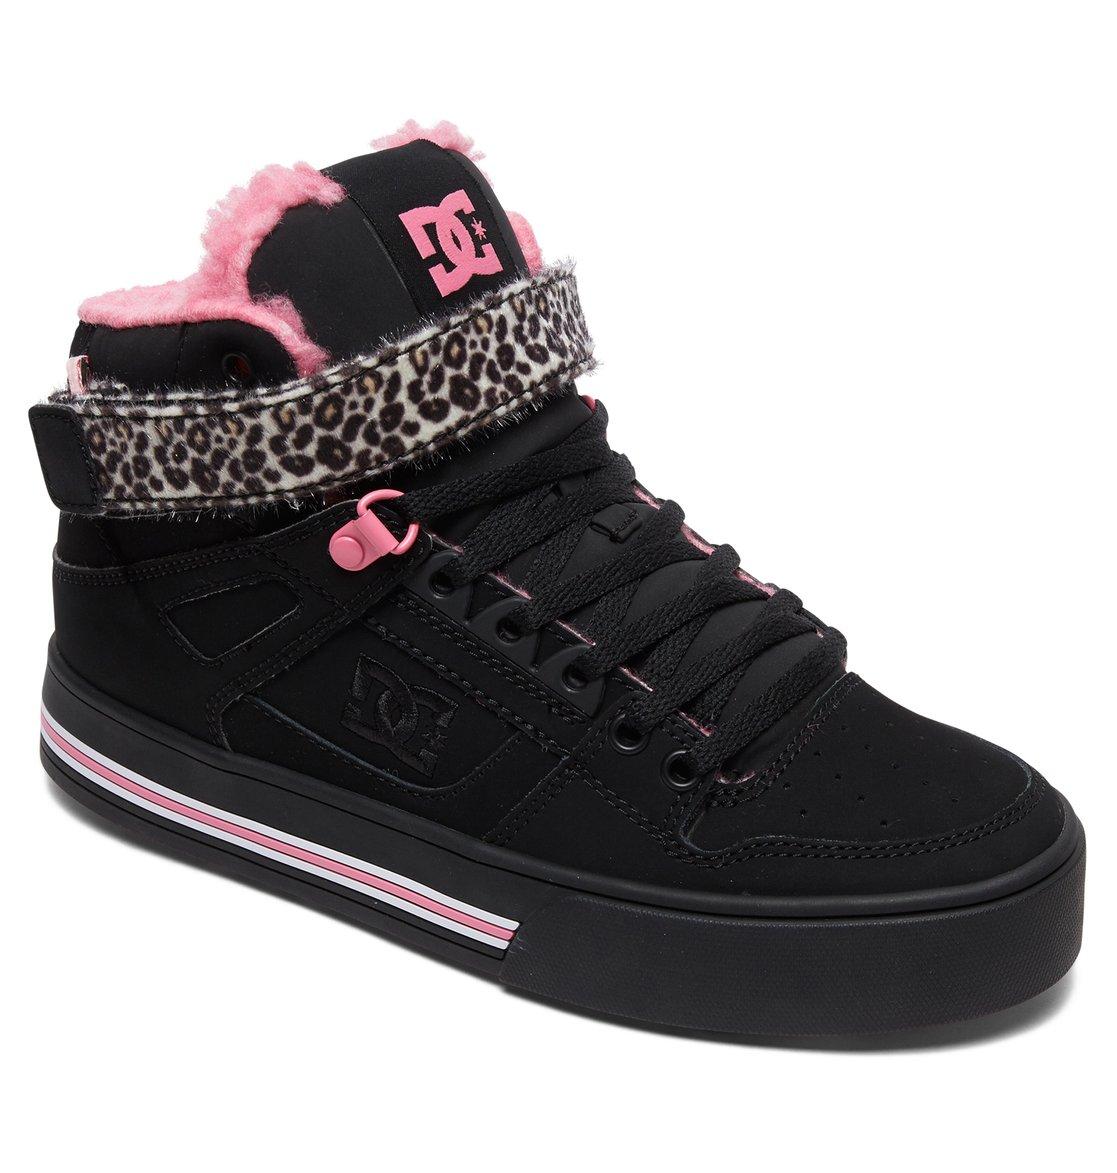 D'hiver Hi Pure Chaussures Pour Wnt Montantes Femme SUVzMp